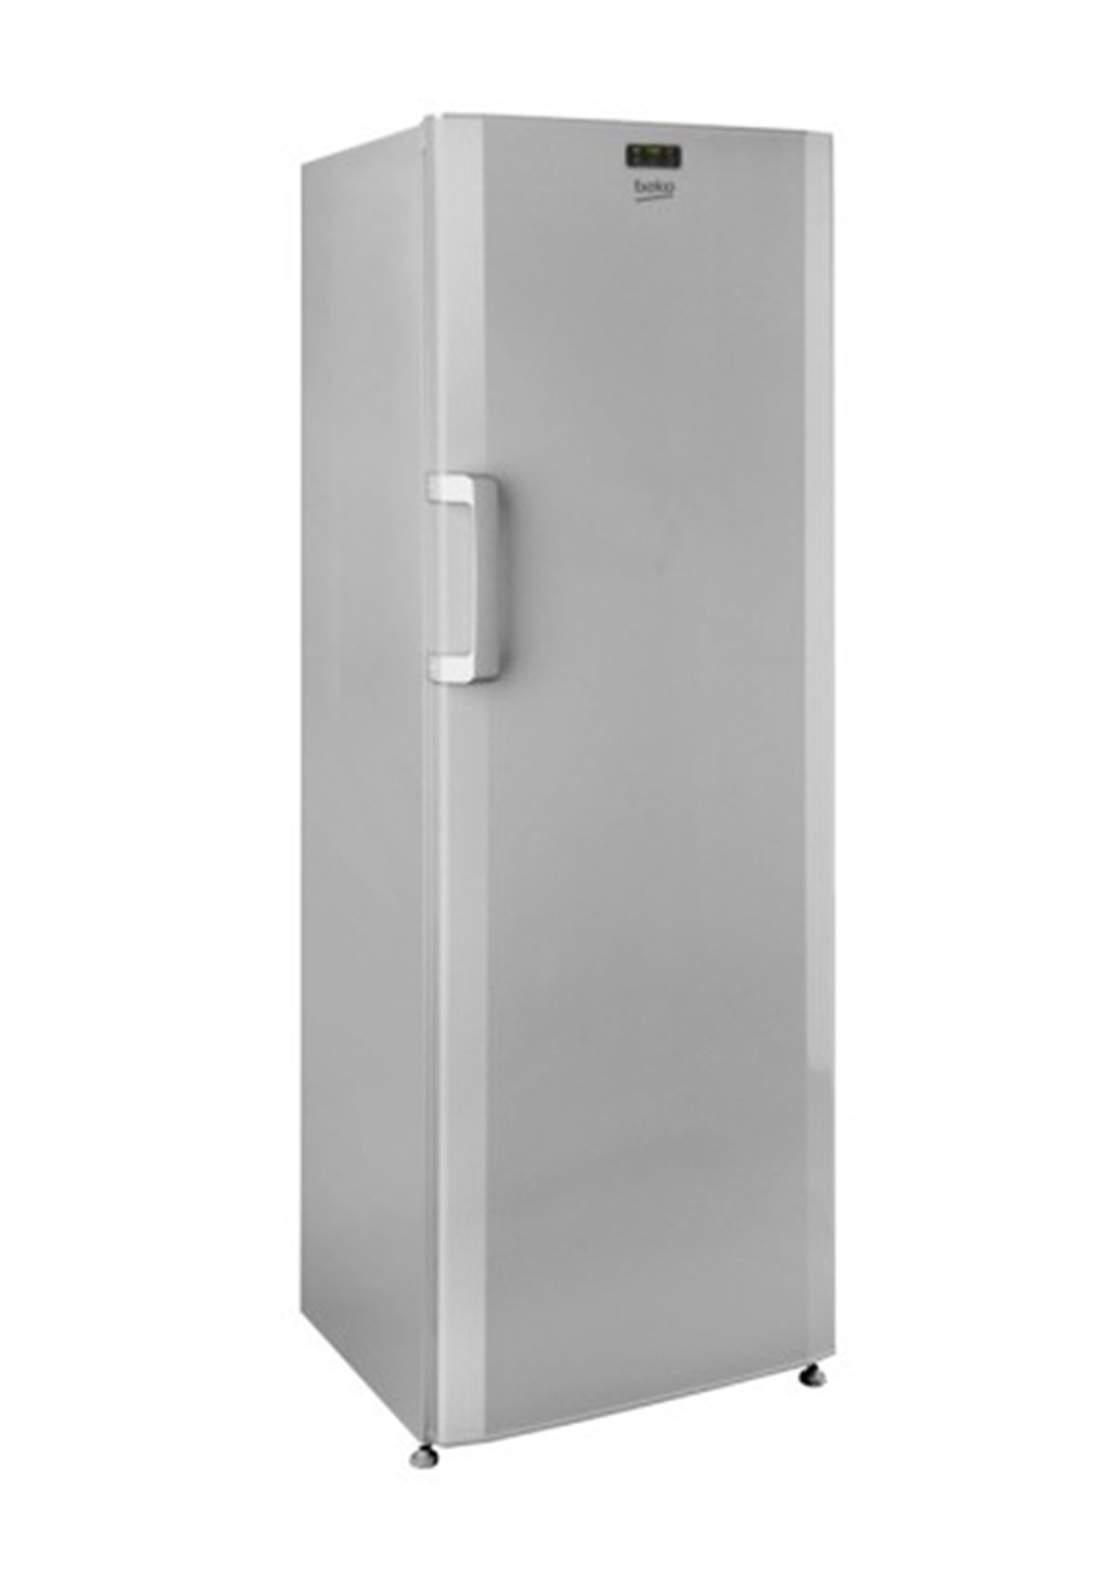 Beko Fs130924s Congelateur Vertical  295 Litres  - Gray